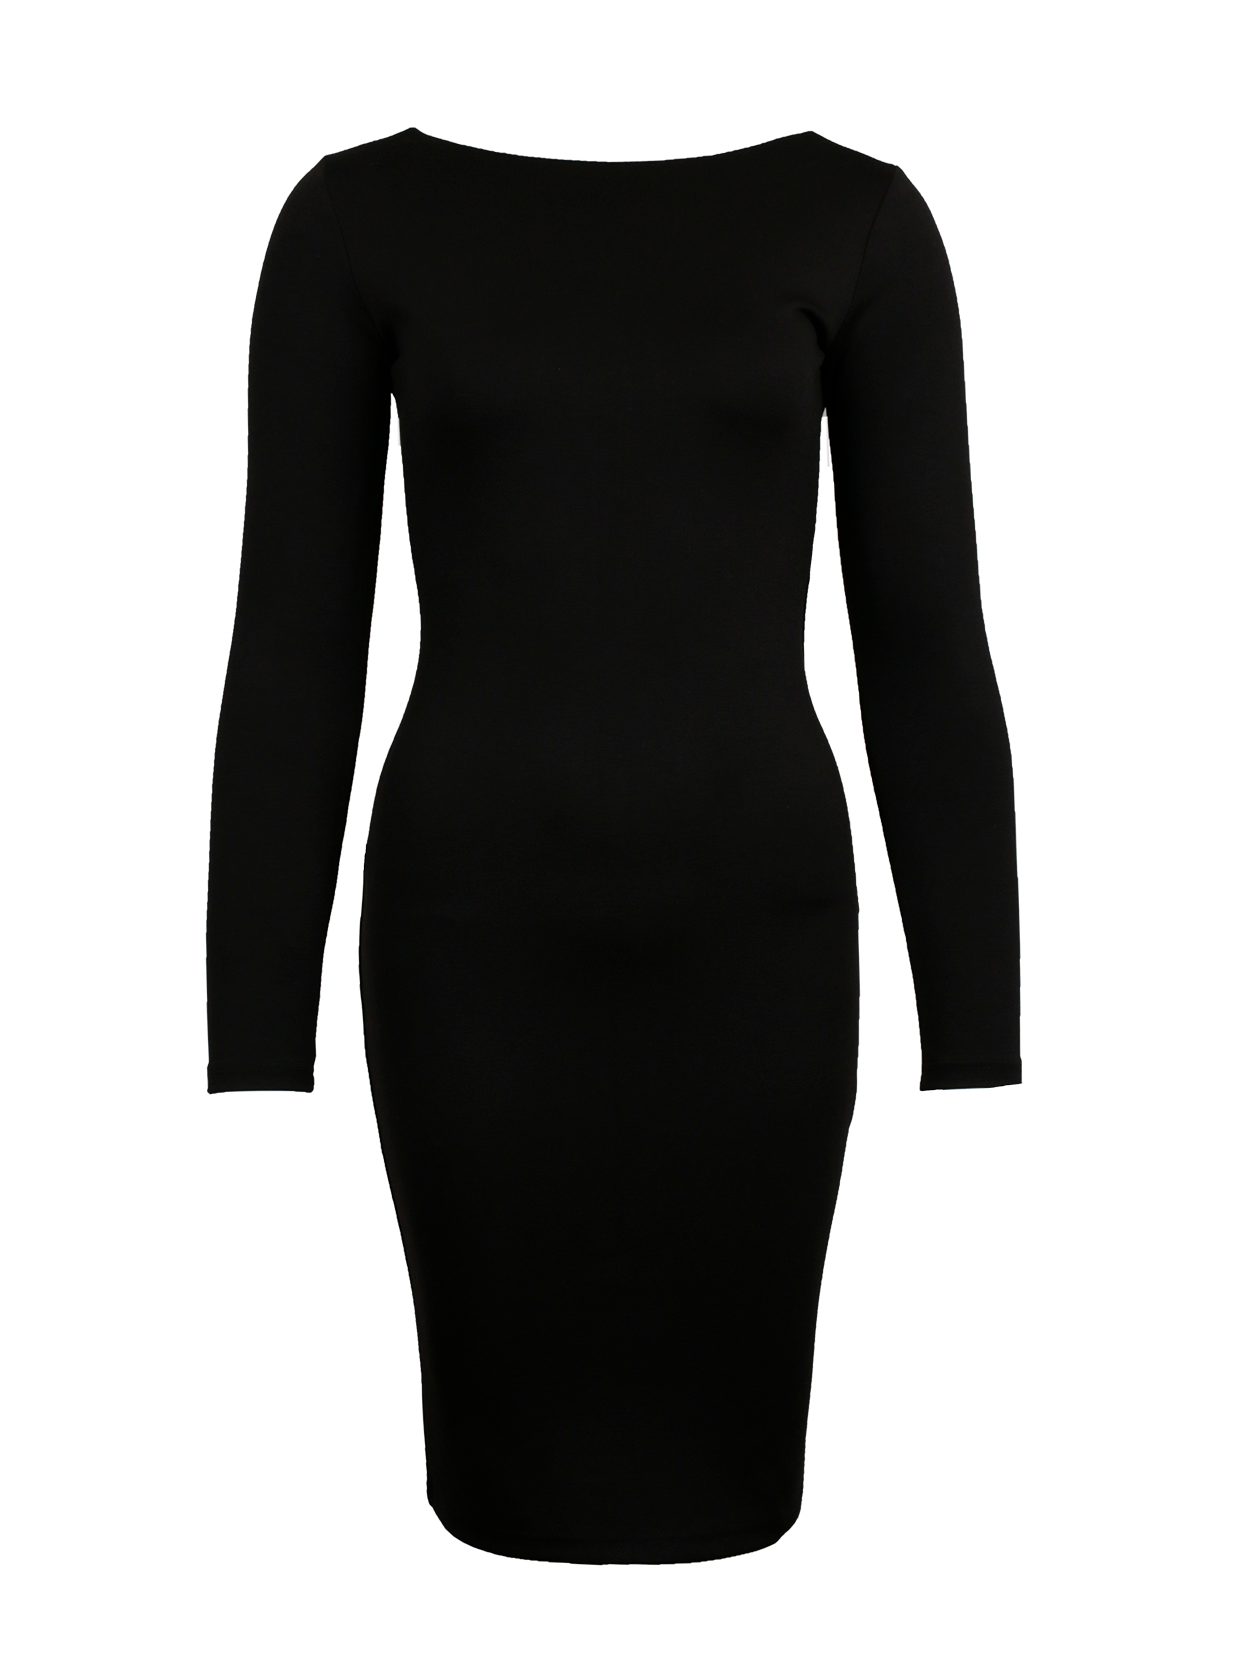 Интернет-магазин МелеонПлатье женское Royalty Gold – стильный и практичный вариант на каждый день. Модель прямого кроя с облегающим силуэтом до колена и длинным рукавом. Лаконичная черная расцветка позволит сочетать эту вещь с другой одеждой и обувью. Интересная фишка платья – стильная застежка-молния по центру спины, доходящая почти до низа. Горловина оформлена в форме лодочки, переходящей на спинке в вырез. Изделие выполнено из высококачественного материала на натуральной основе.&amp;nbsp;<br><br>Размер: XS<br>Цвет: Черный<br>Пол: Женский